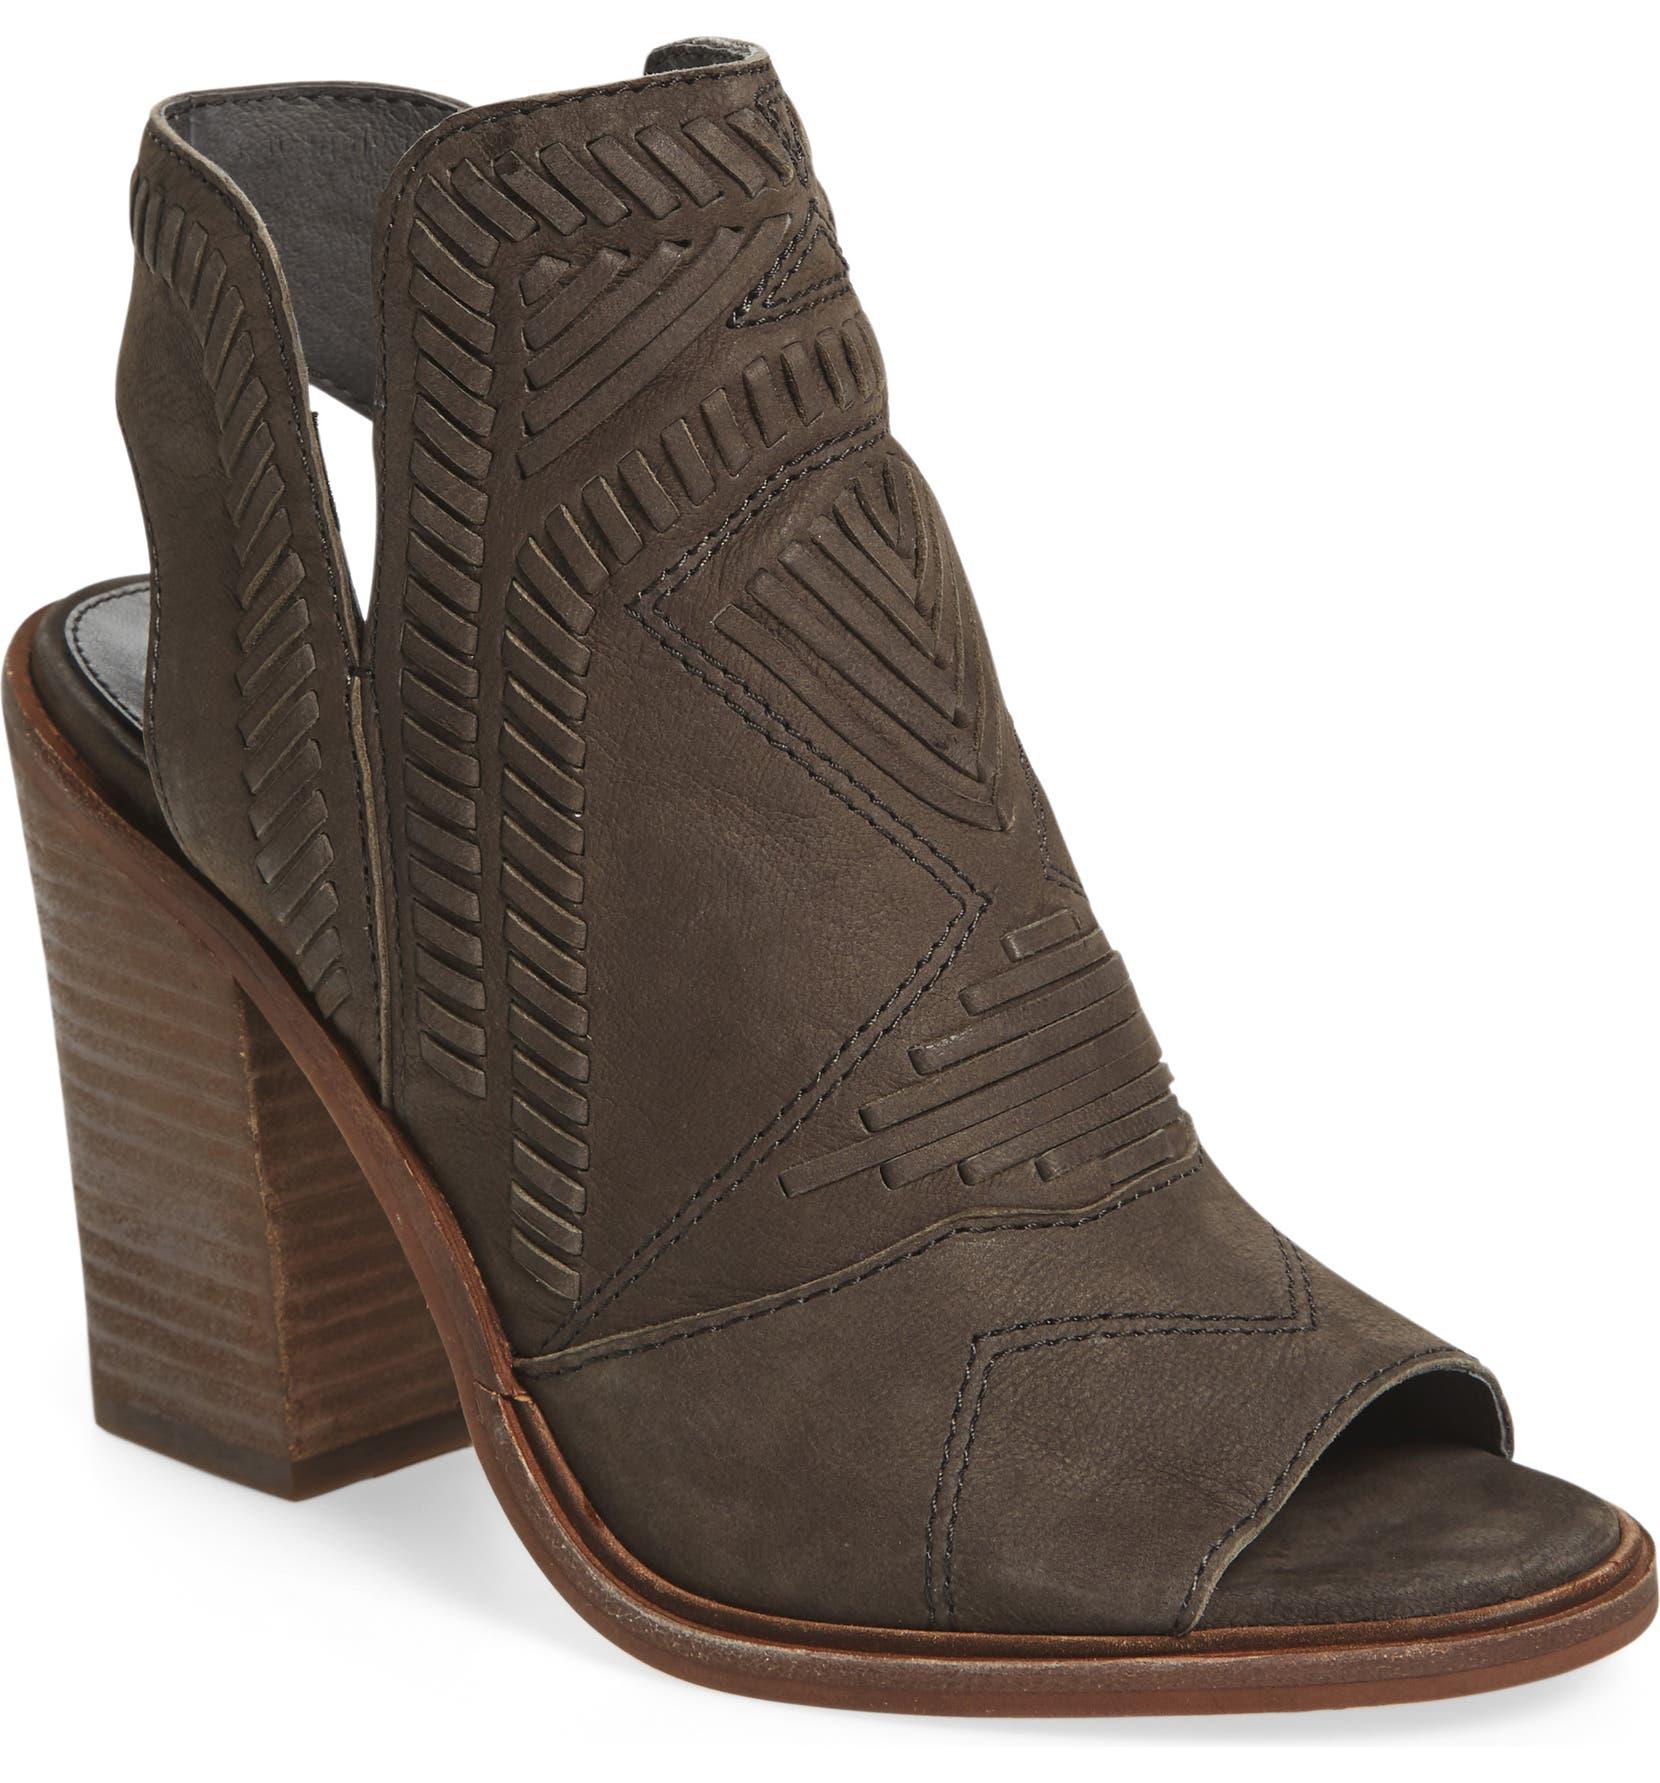 09f13878b2 Vince Camuto Karinta Block Heel Bootie (Women) | Nordstrom